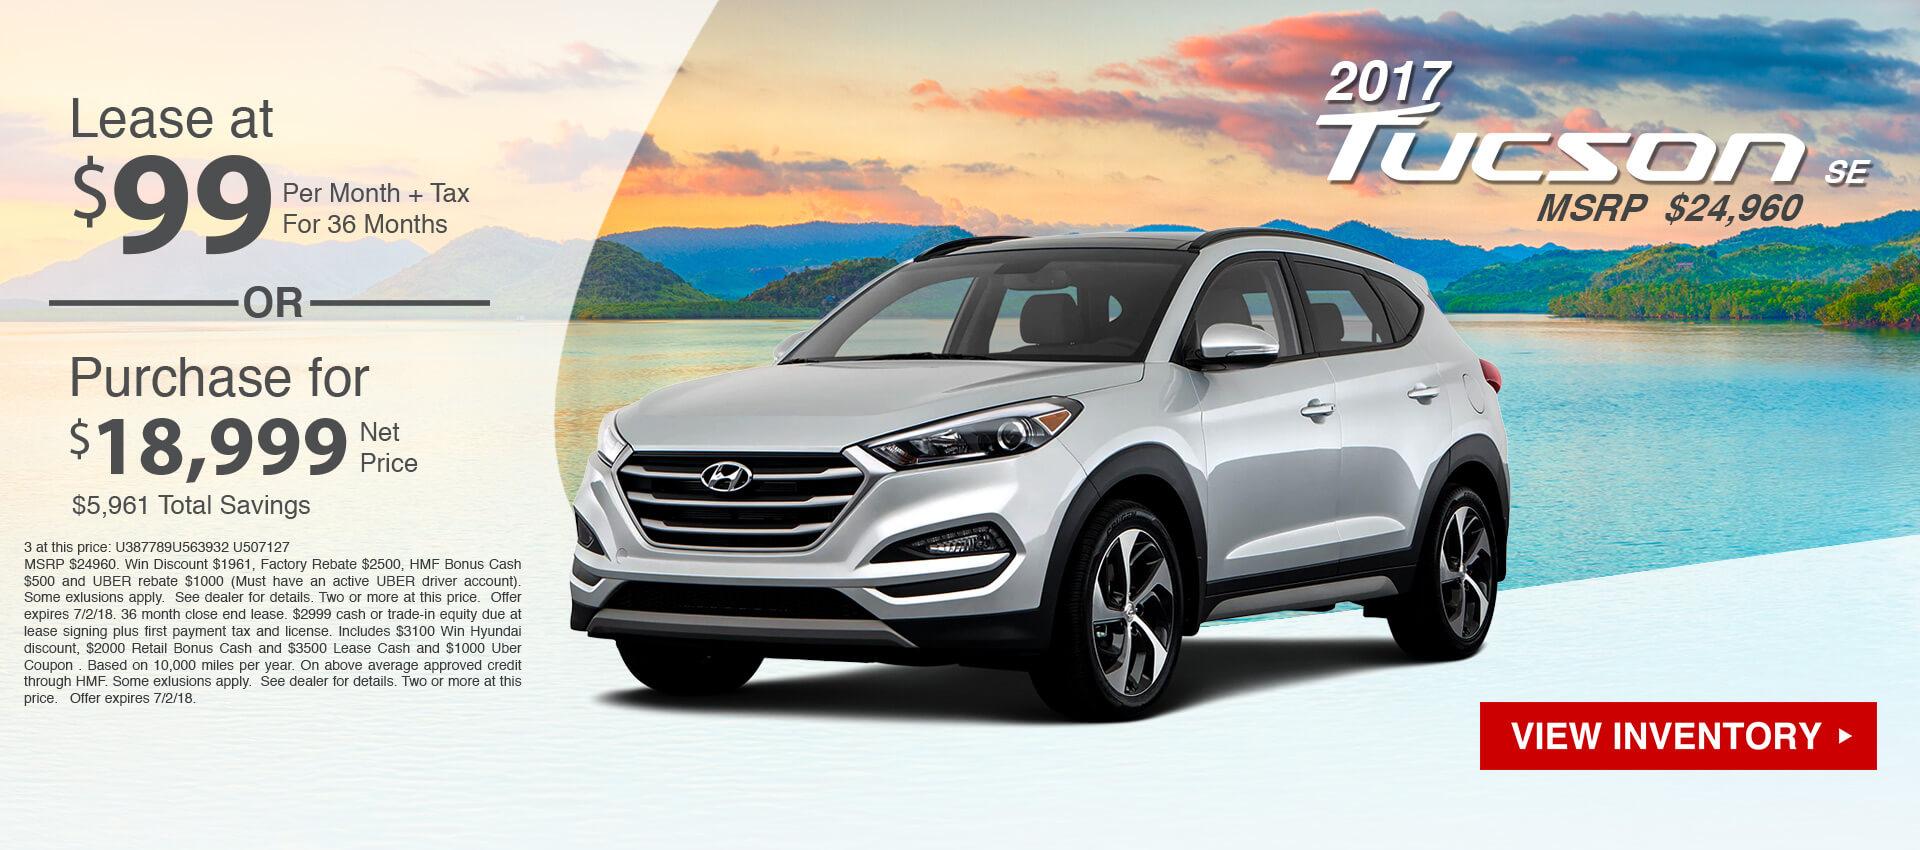 2017 Hyundai Tucson $99